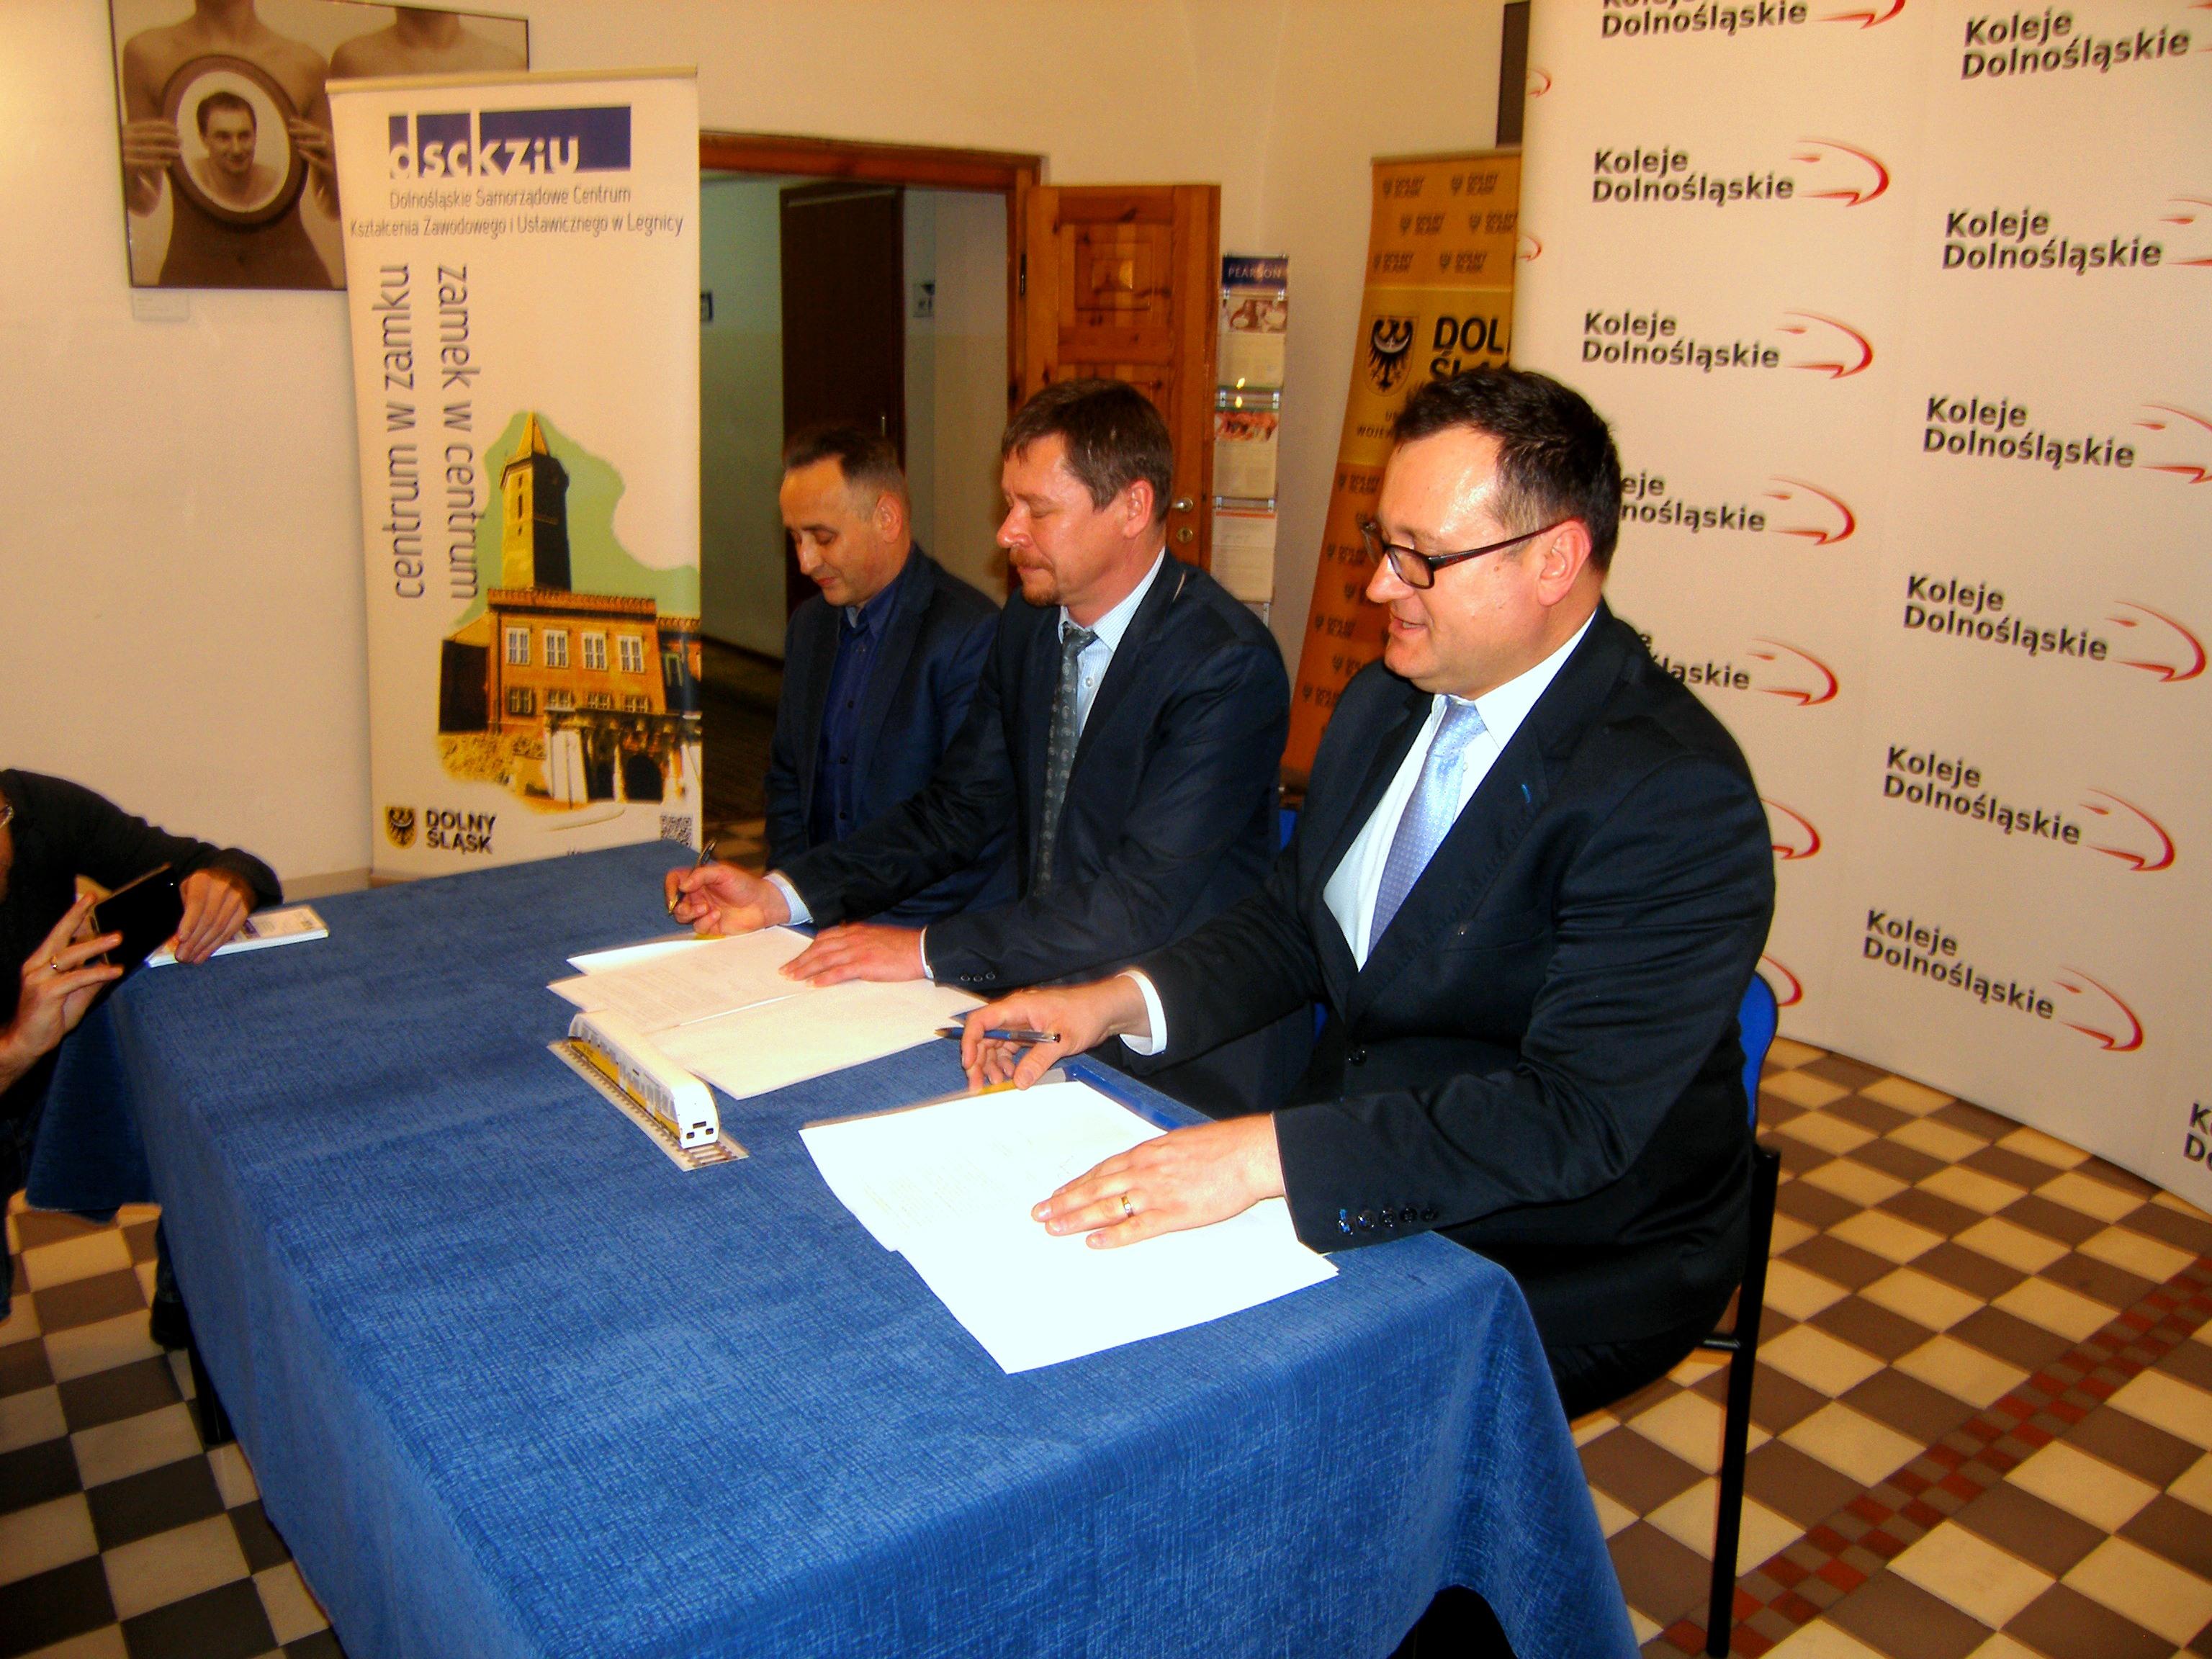 Podpisanie porozumienia z Kolejami Dolnośląskimi